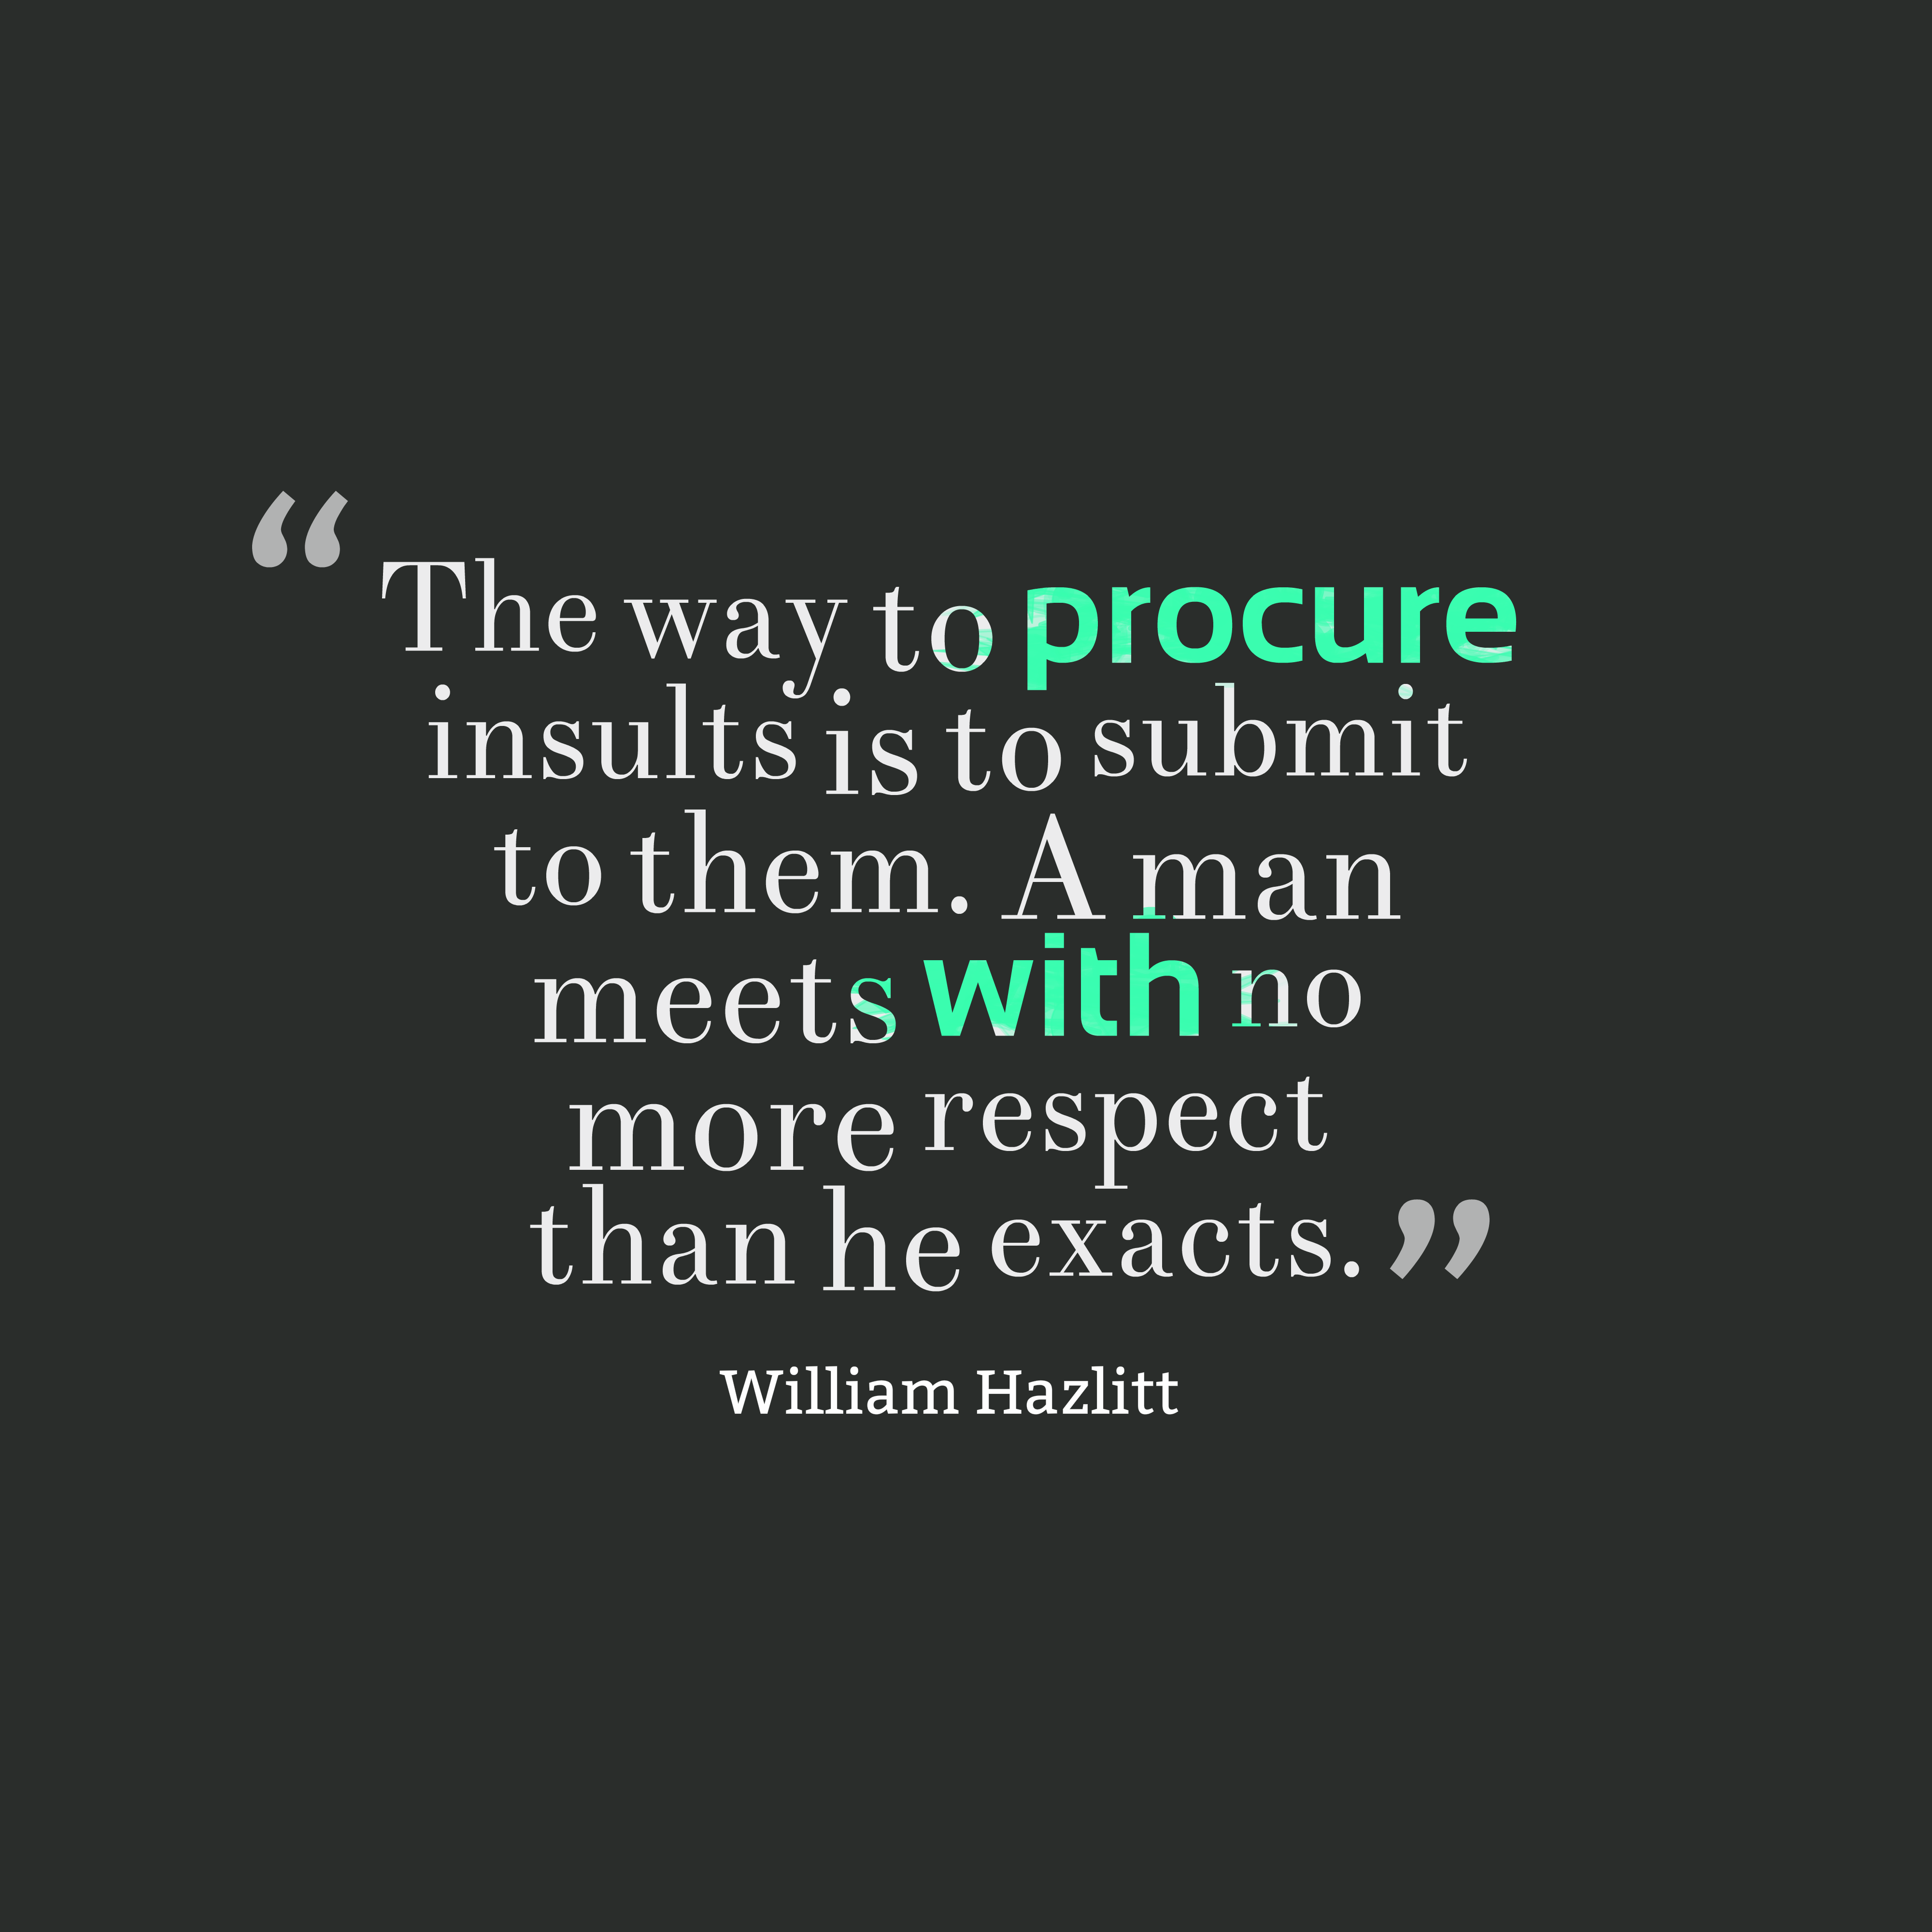 William Hazlitt Quote About Respect